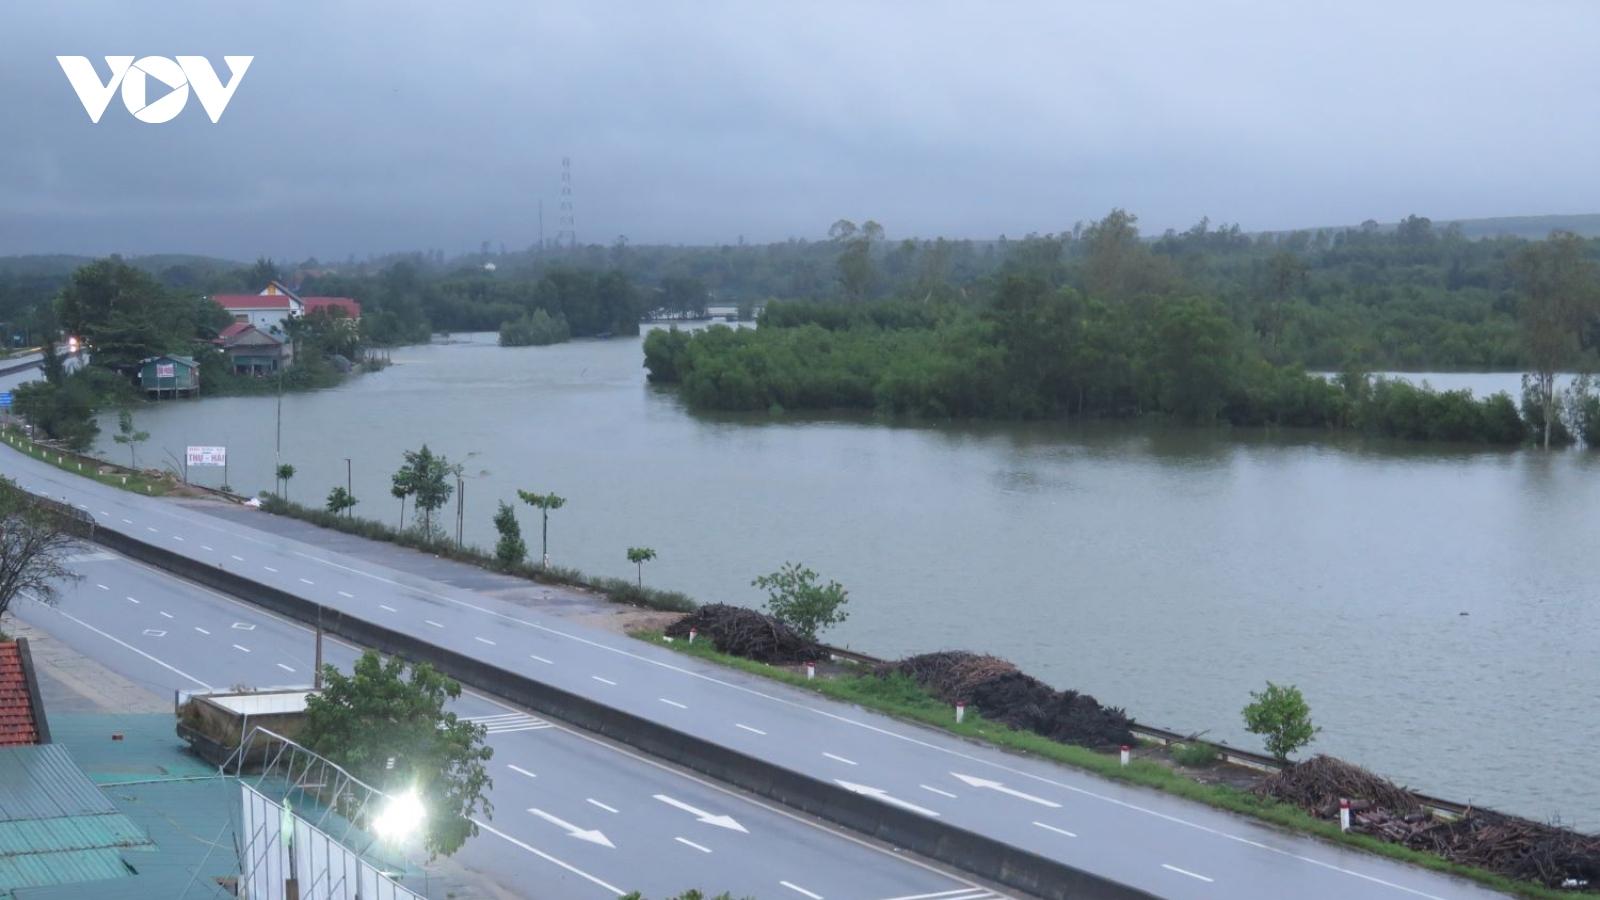 Hơn 90.000 nhà bị ngập, 4 người chết do mưa lũ ở Quảng Bình